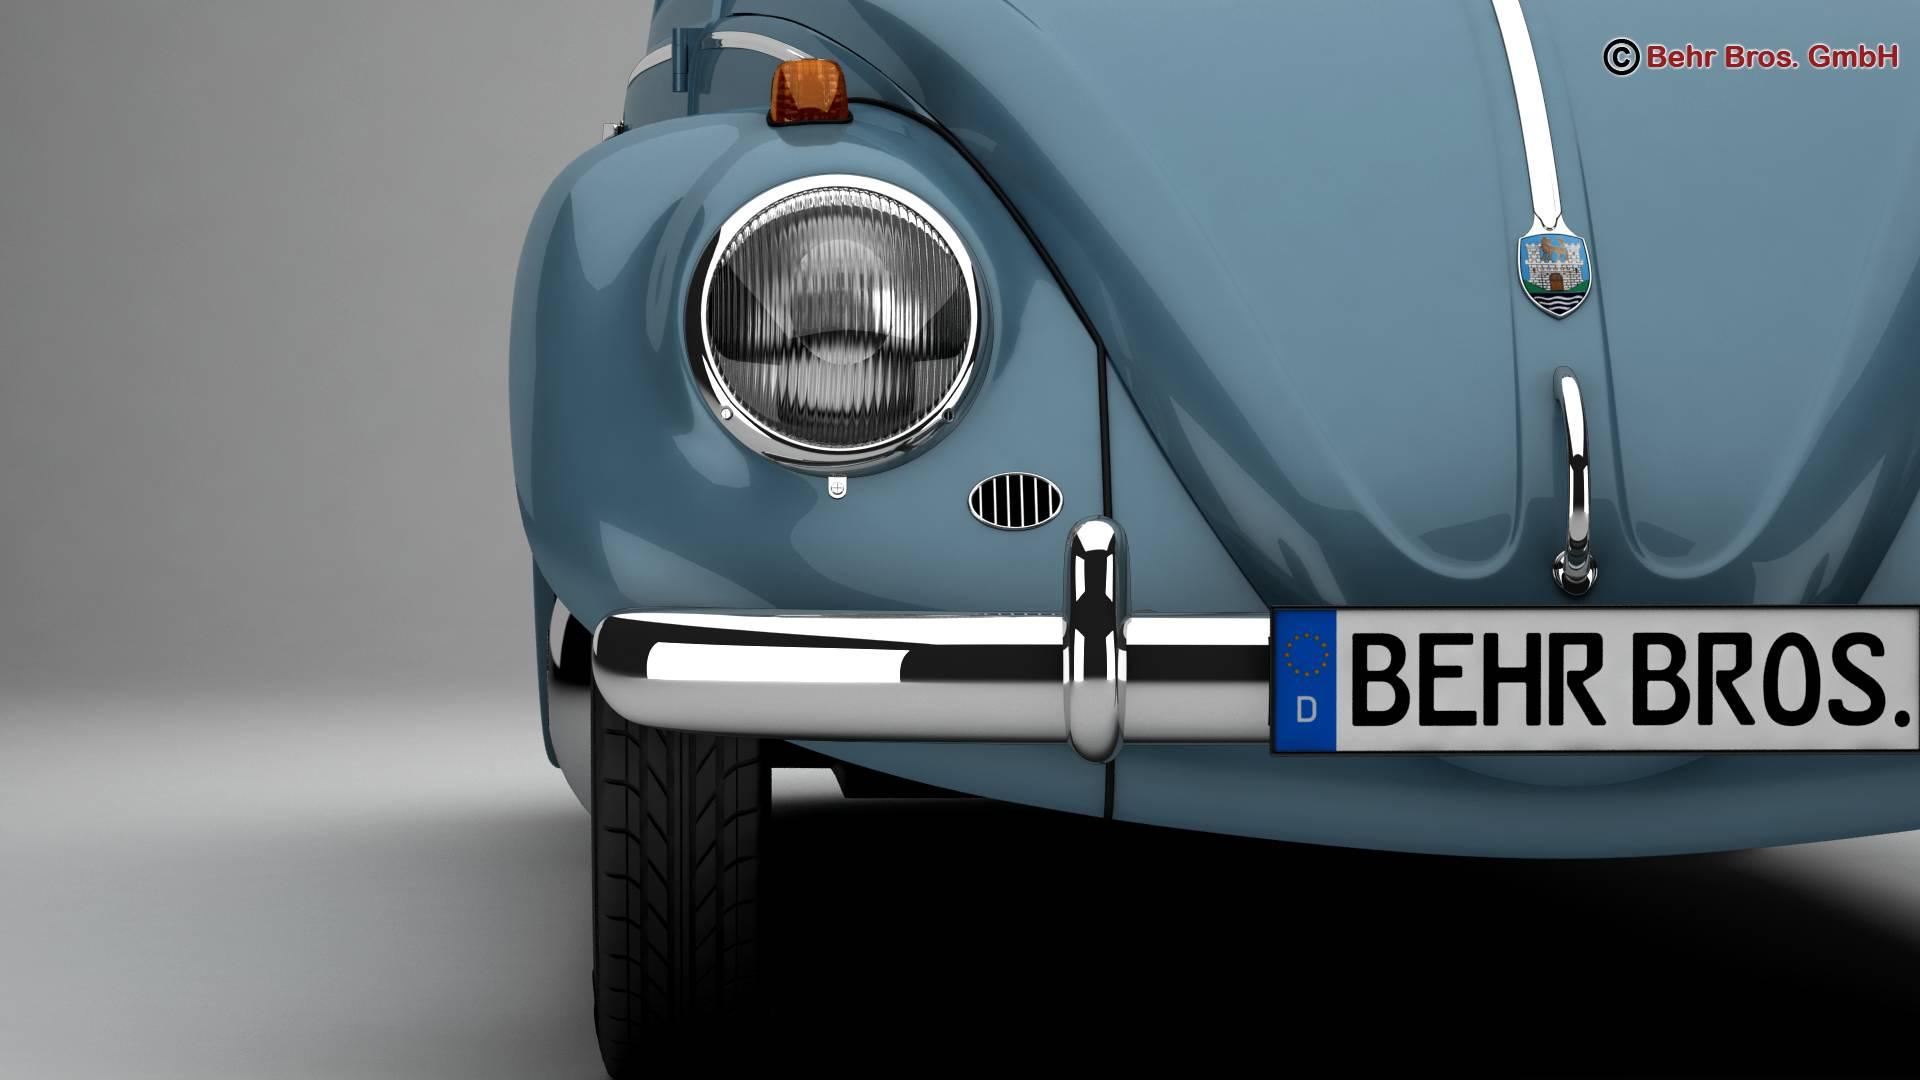 volkswagen beetle 1963 1200 deluxe 3d model 3ds max fbx c4d lwo ma mb obj 220279